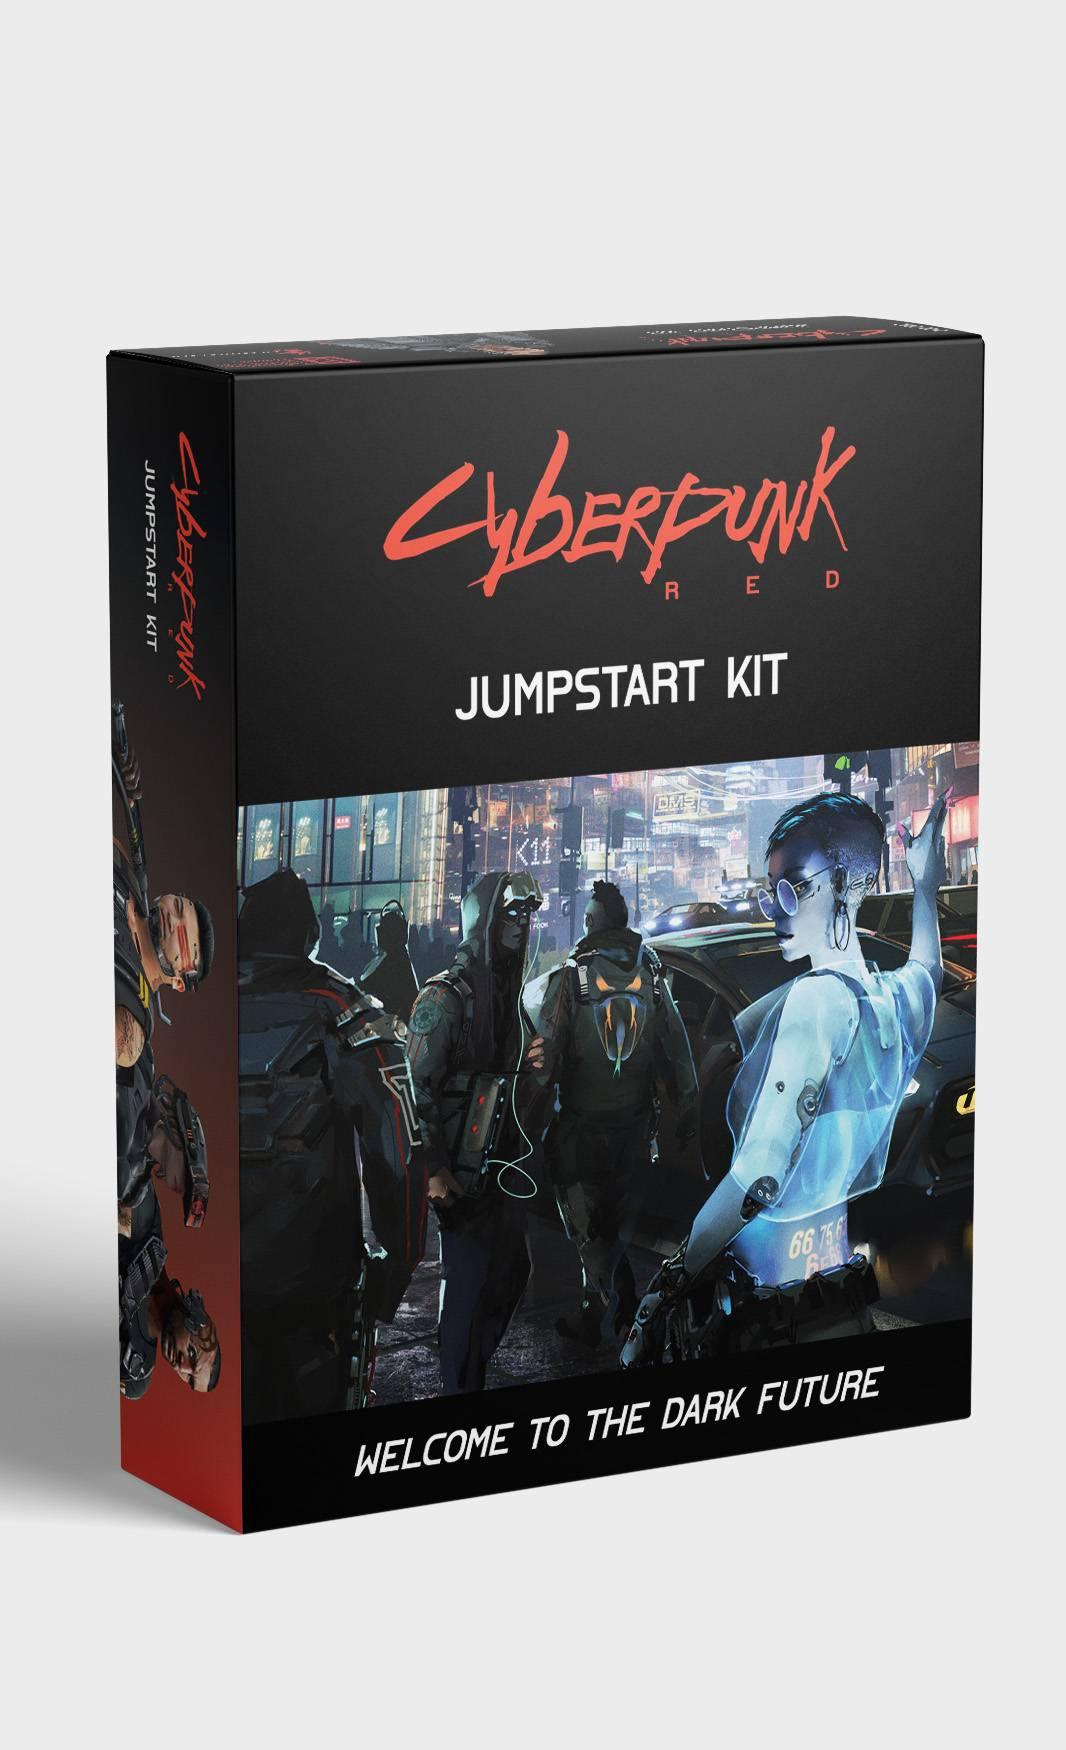 Настольная ролевая игра Cyberpunk RED — обновлённая редакция CP2020 — поступит в продажу 1 августа 2